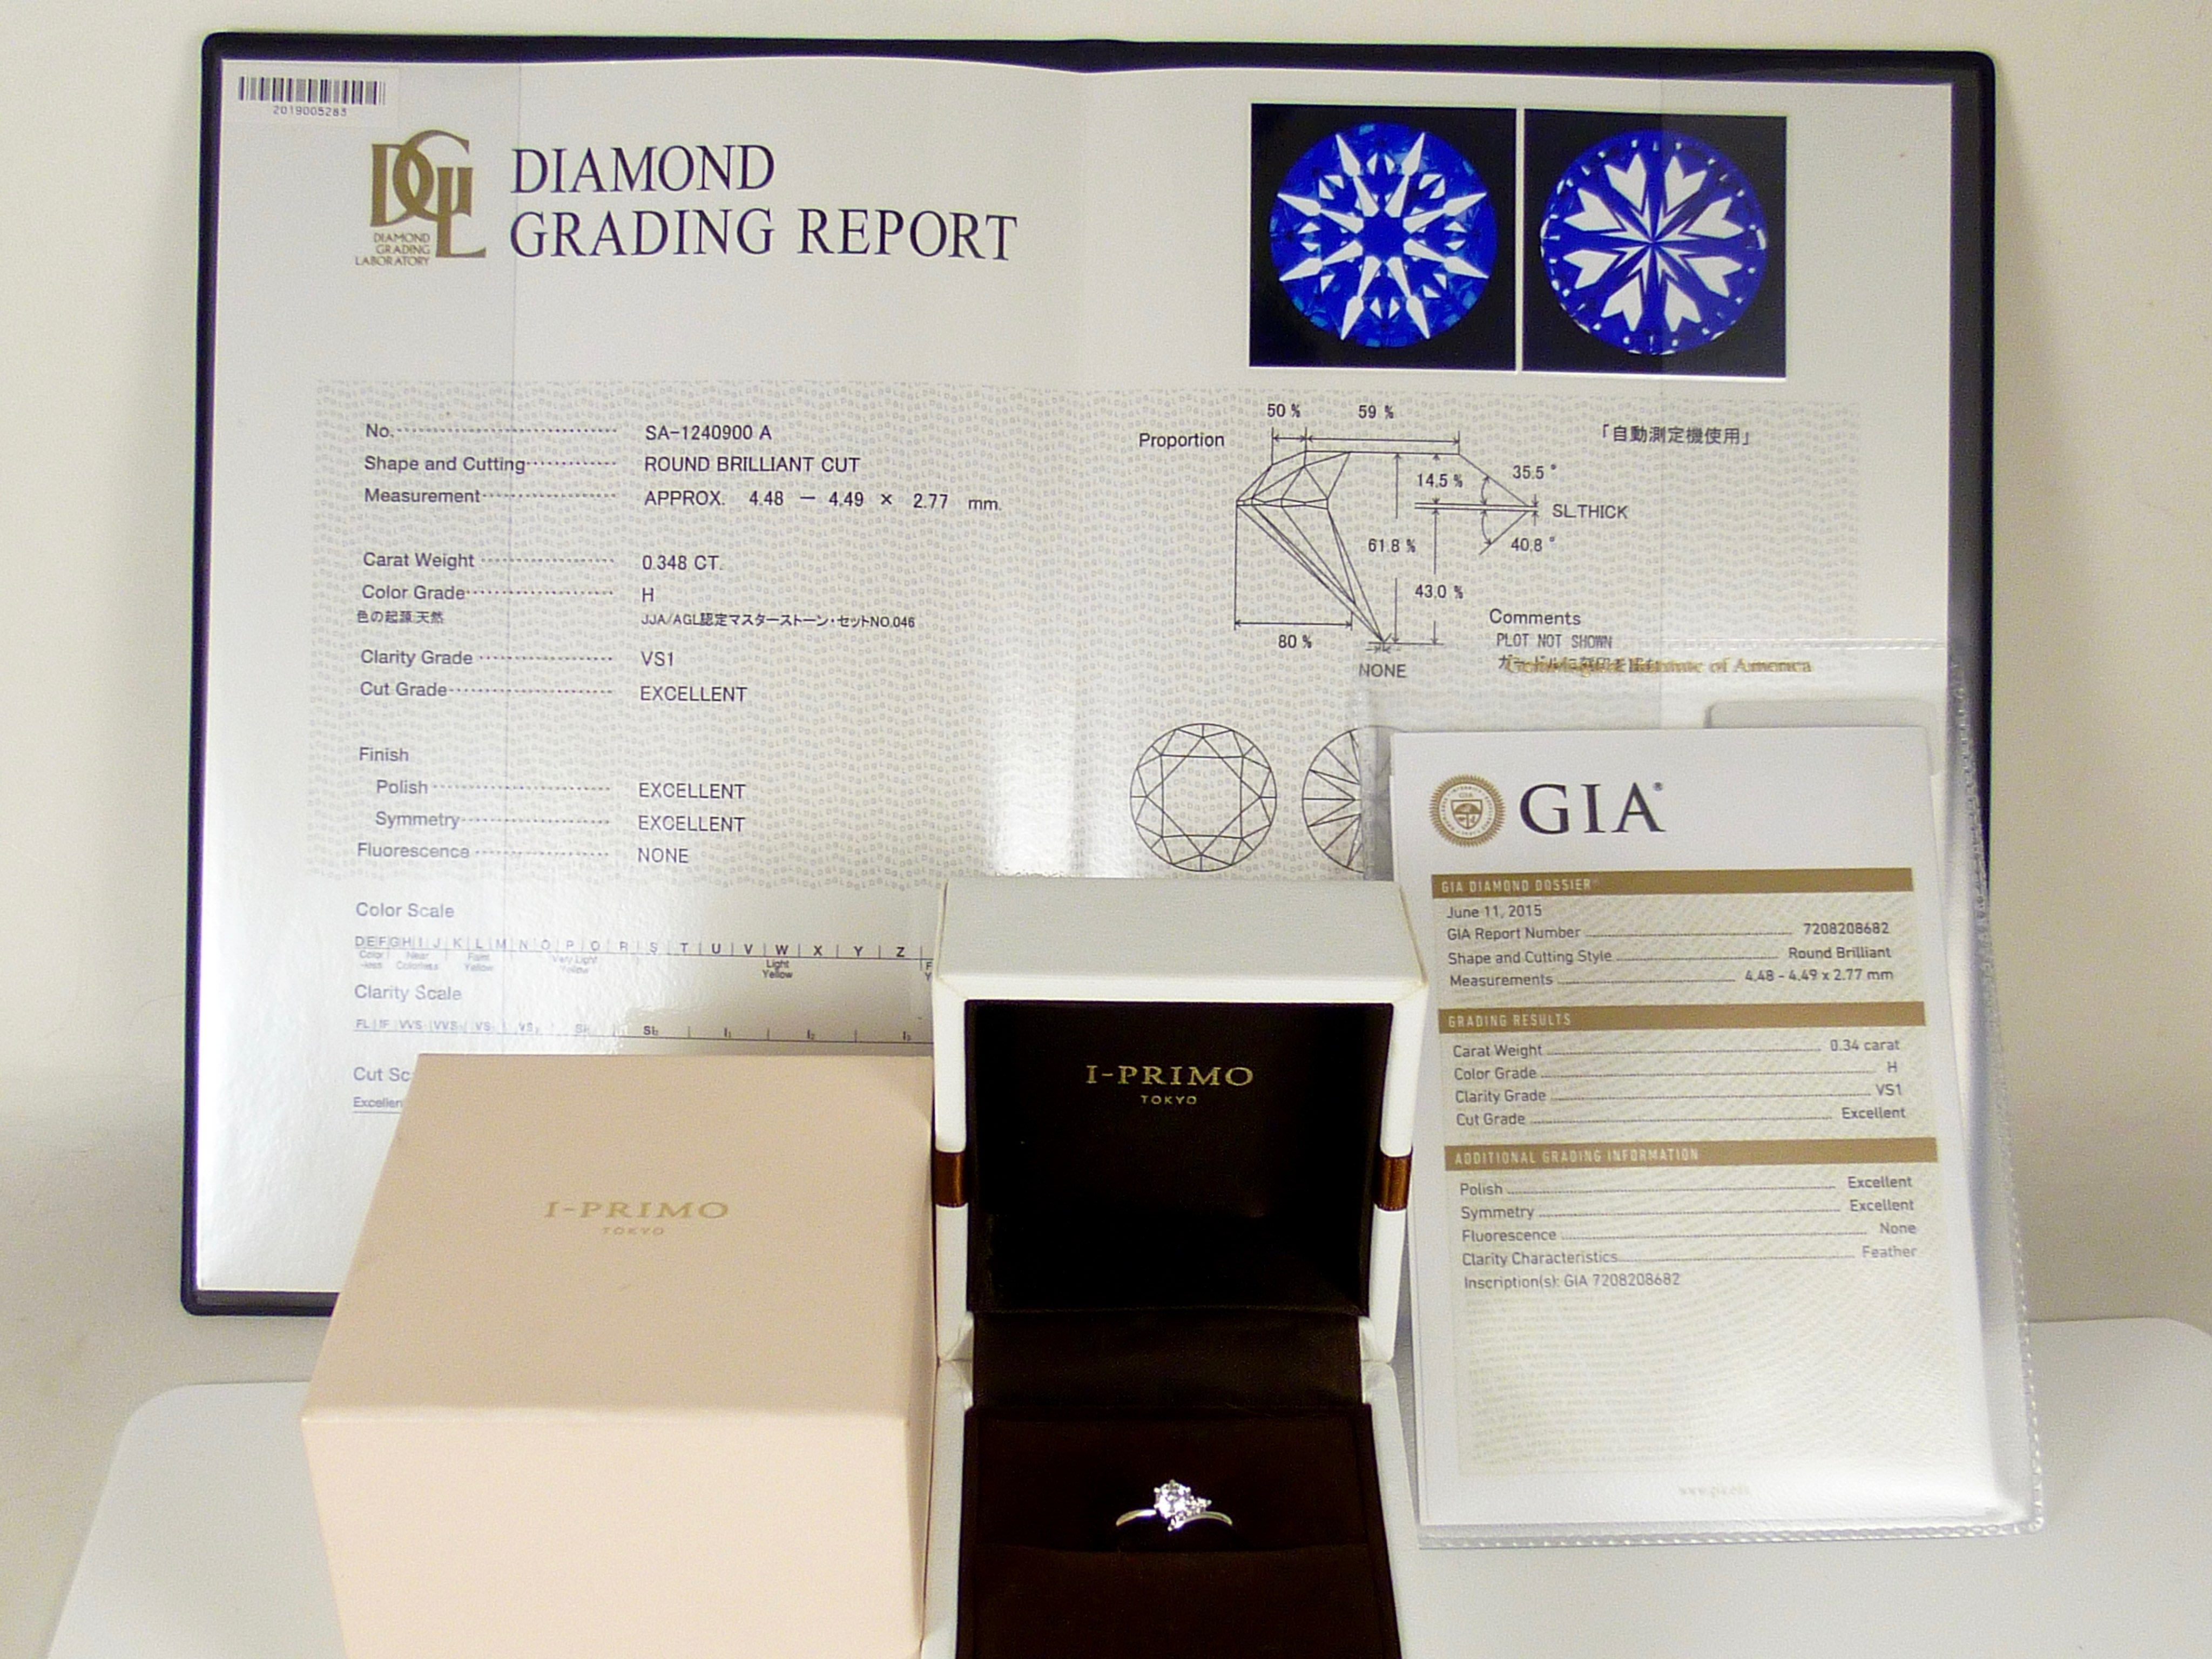 [卡貝拉精品交流] 日本 I-PRIMO GIA30分天然鑽石戒指 PT950 女戒 婚戒 心諾彩鑽 盒單齊全